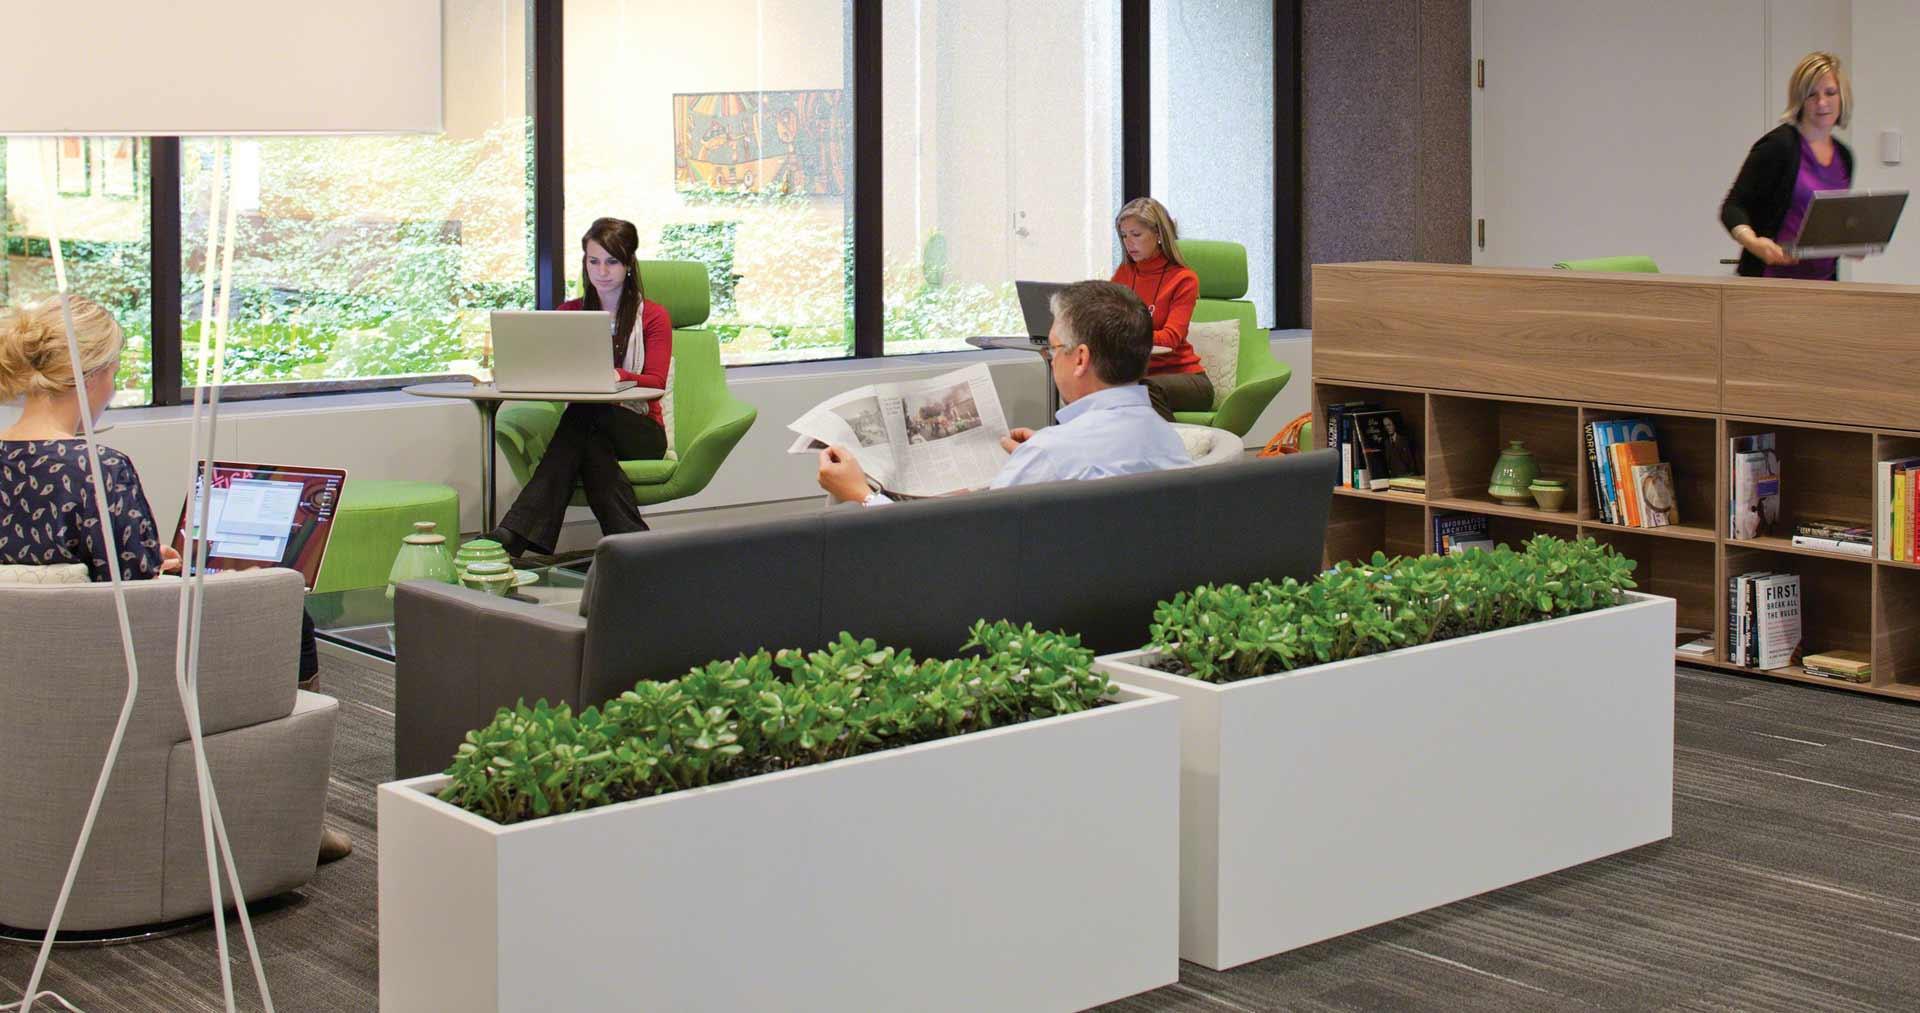 dl-workcafe-people-green-12-0000653-dl16